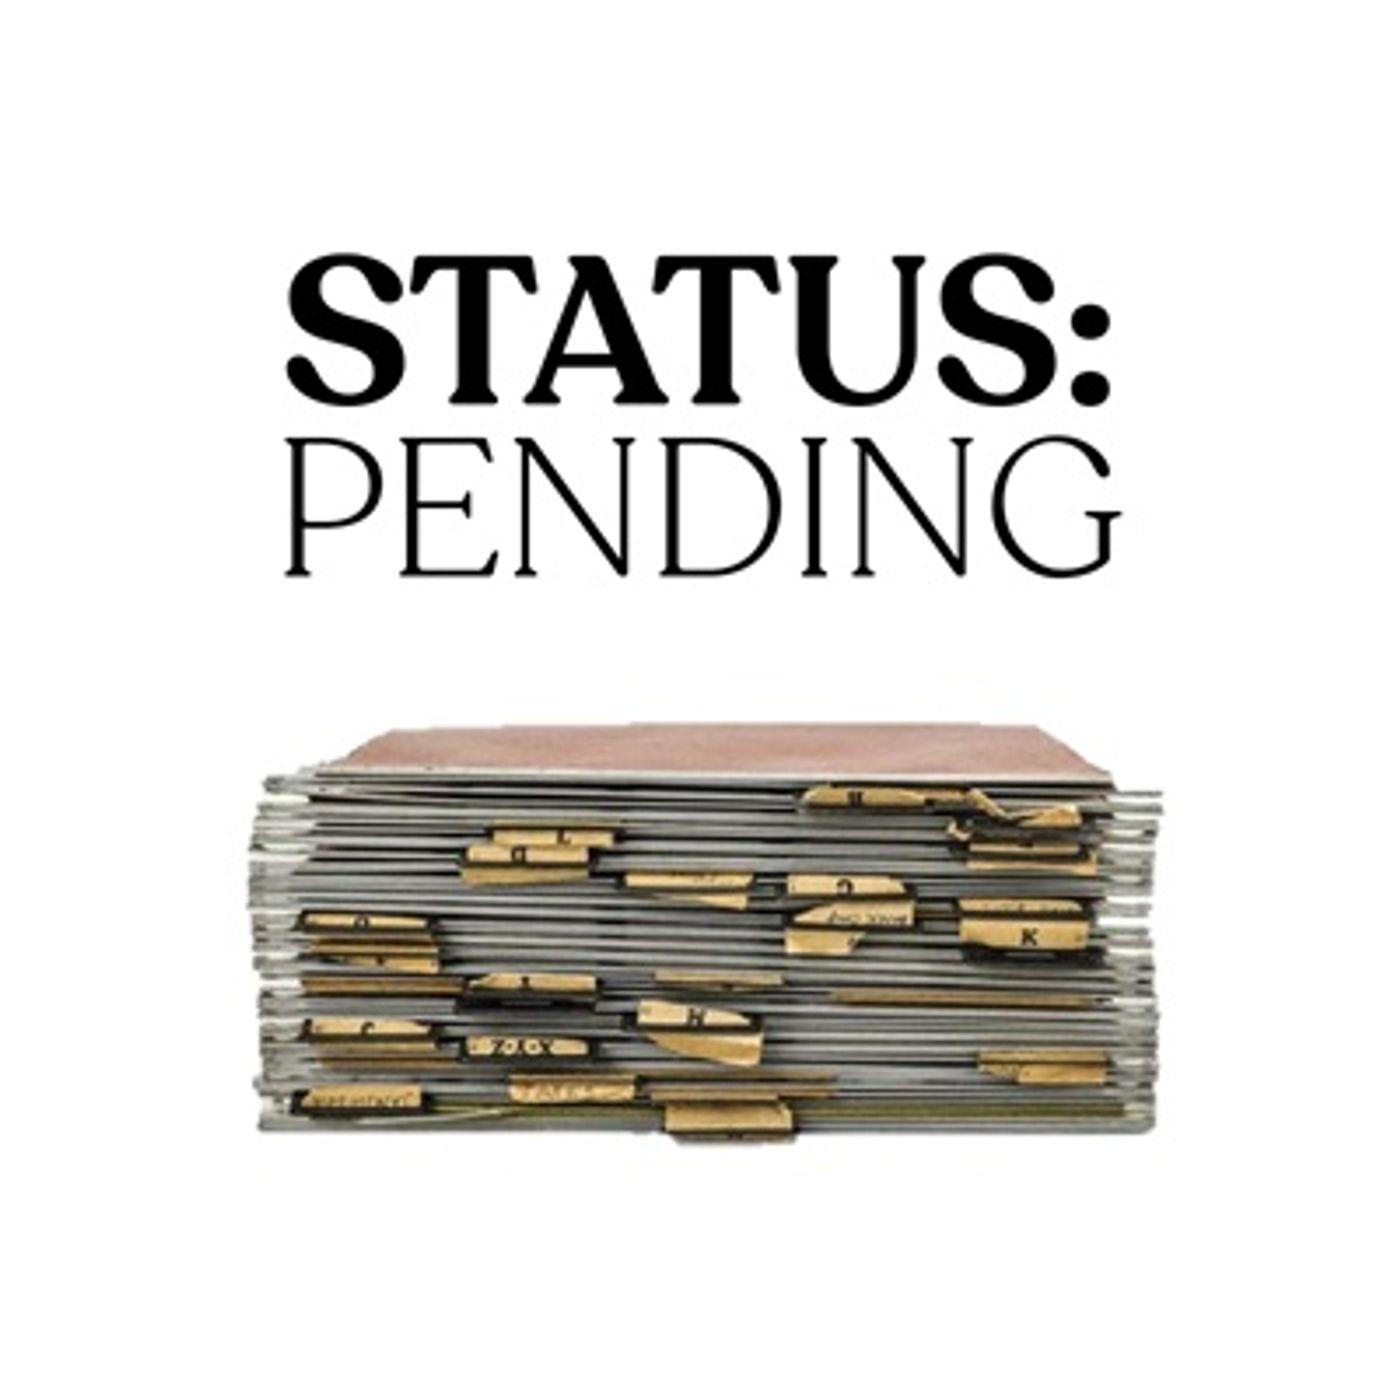 Status: Pending